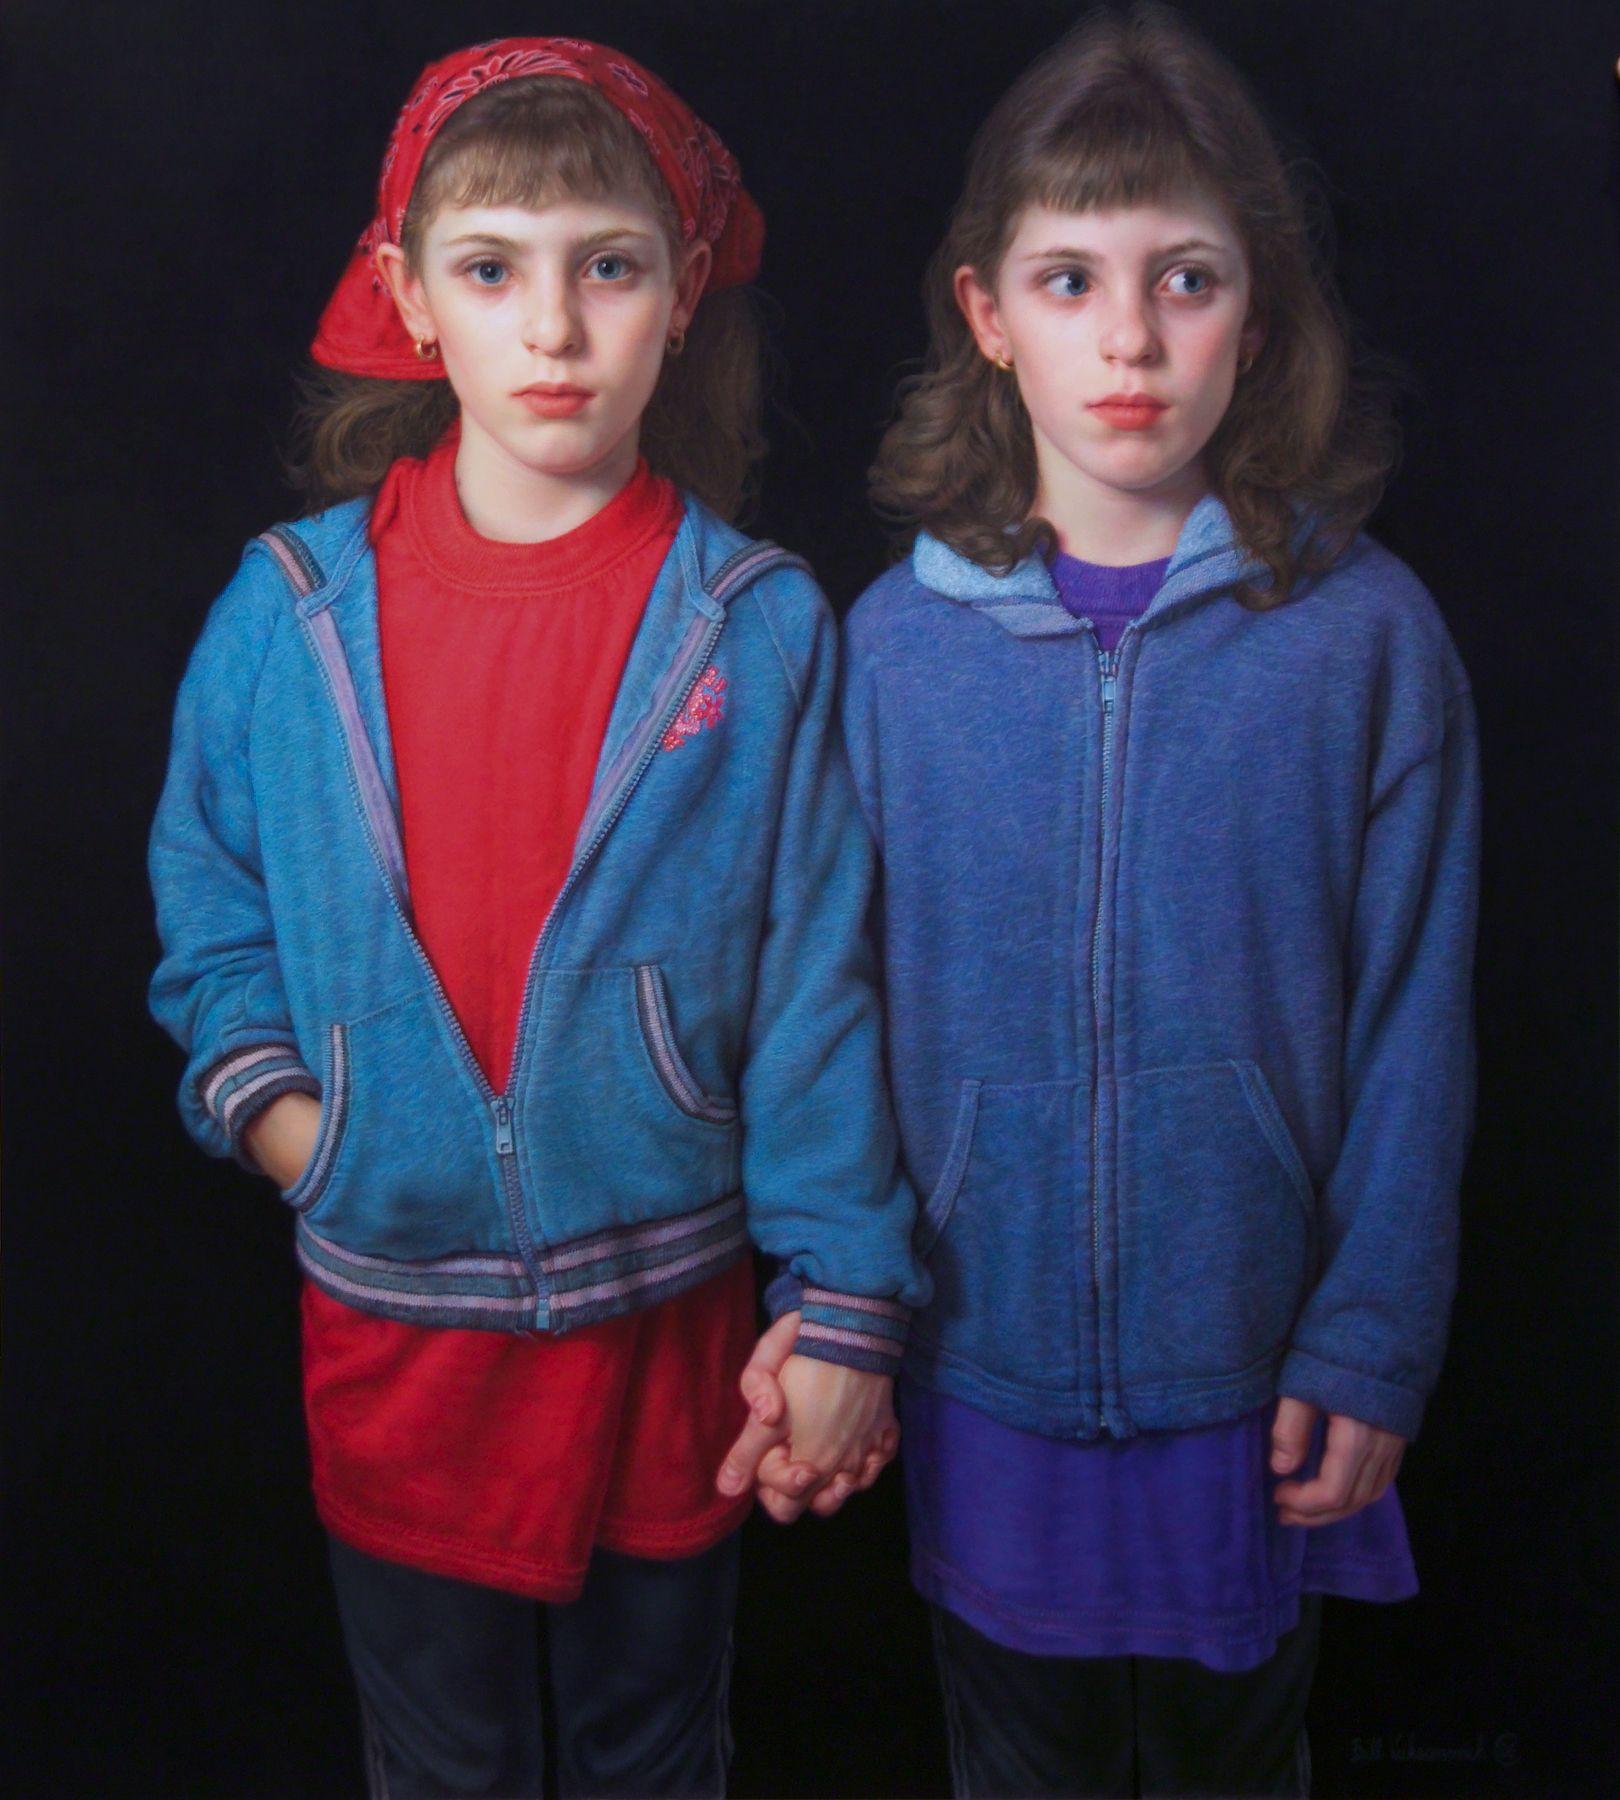 Bill Vuksanovich, Sisters I, 1992-2006, color pencil and nero pencil on paper, 36 1/2 x 33 inches